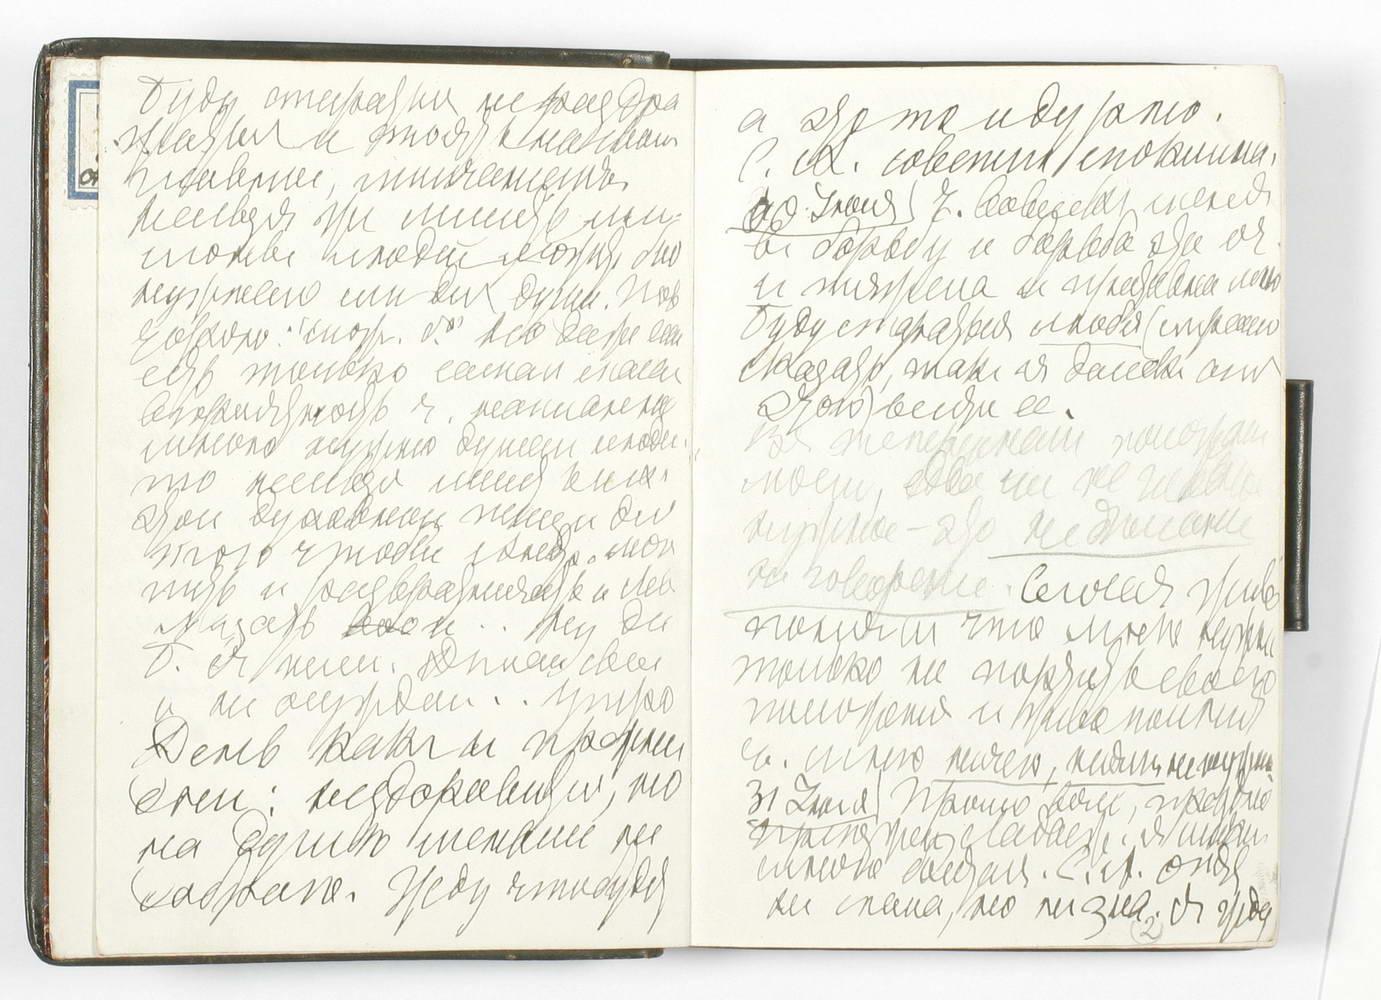 Толстой Л. Н. Дневник для одного себя. 24 сентября-2 октября 1910 г. Ясная Поляна. Подлинник..jpg